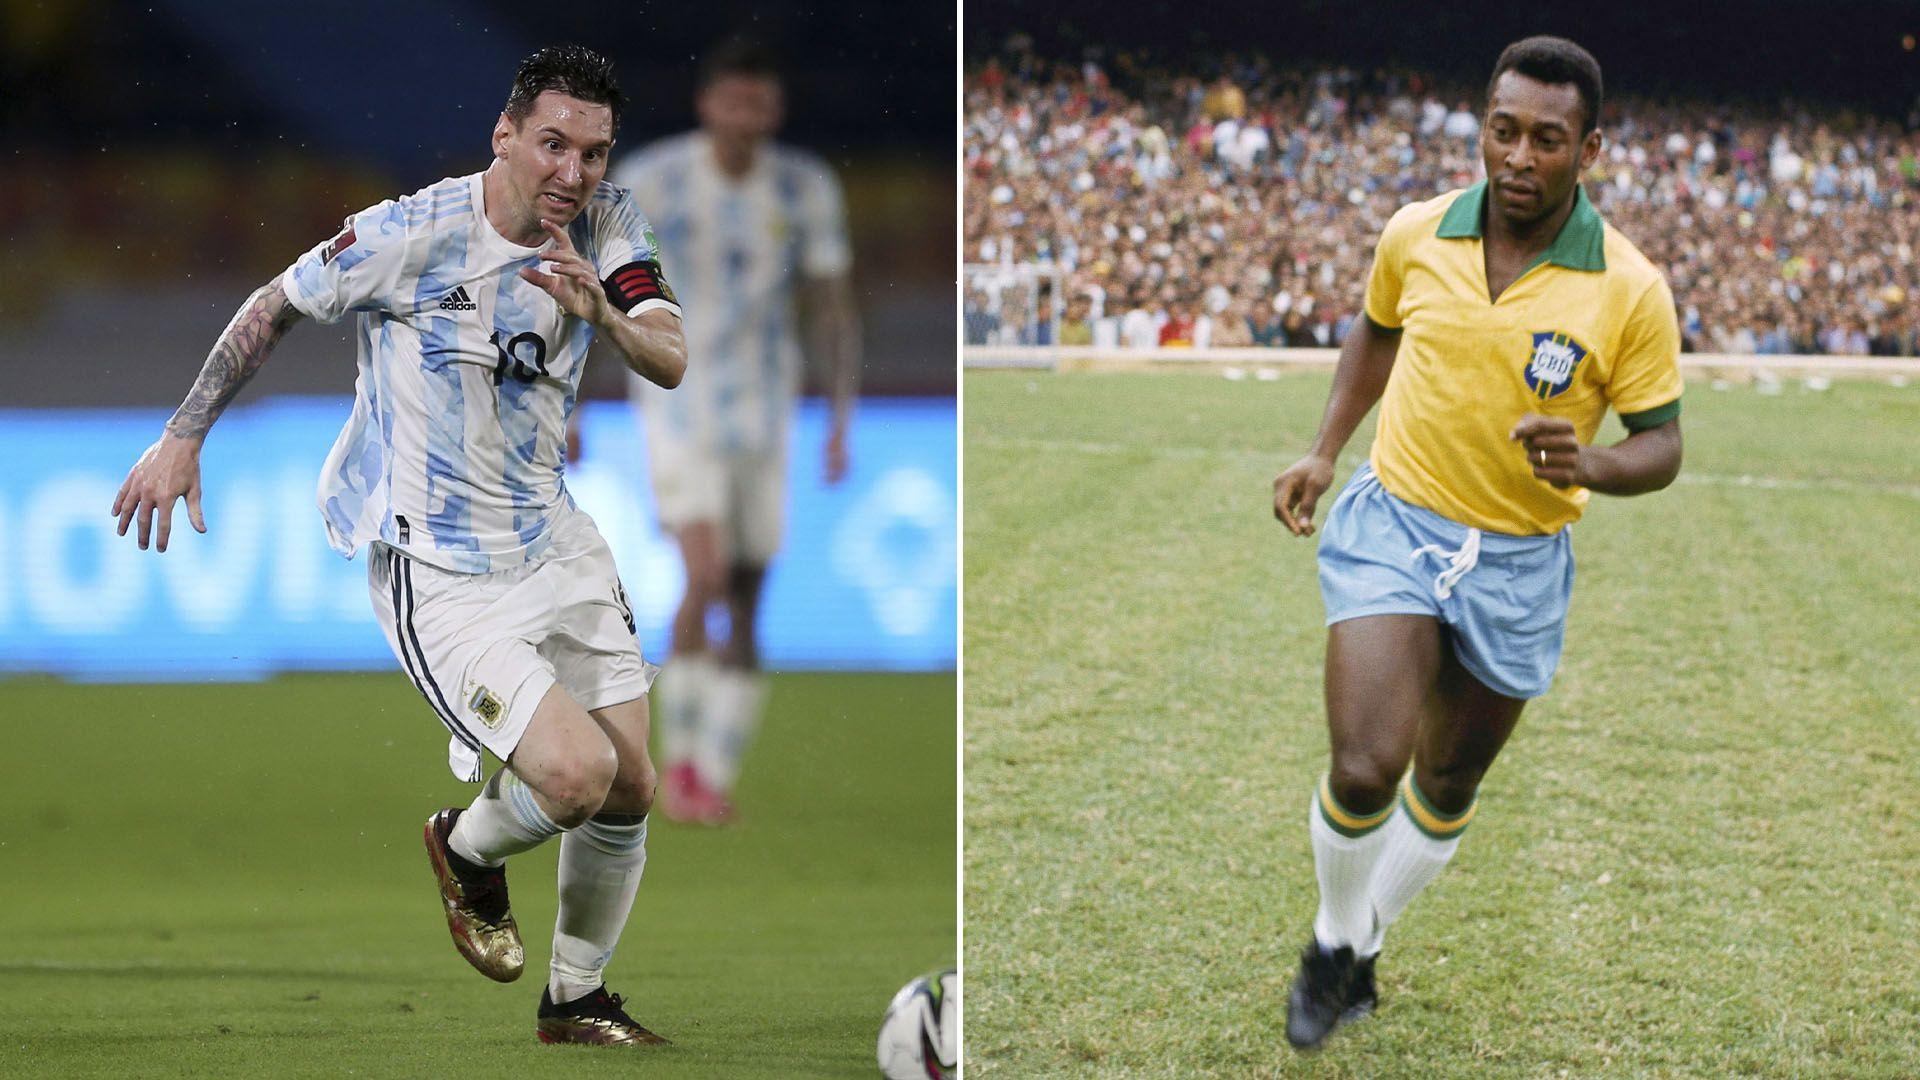 Lionel Messi (Selección argentina) Pelé (selección de Brasil)